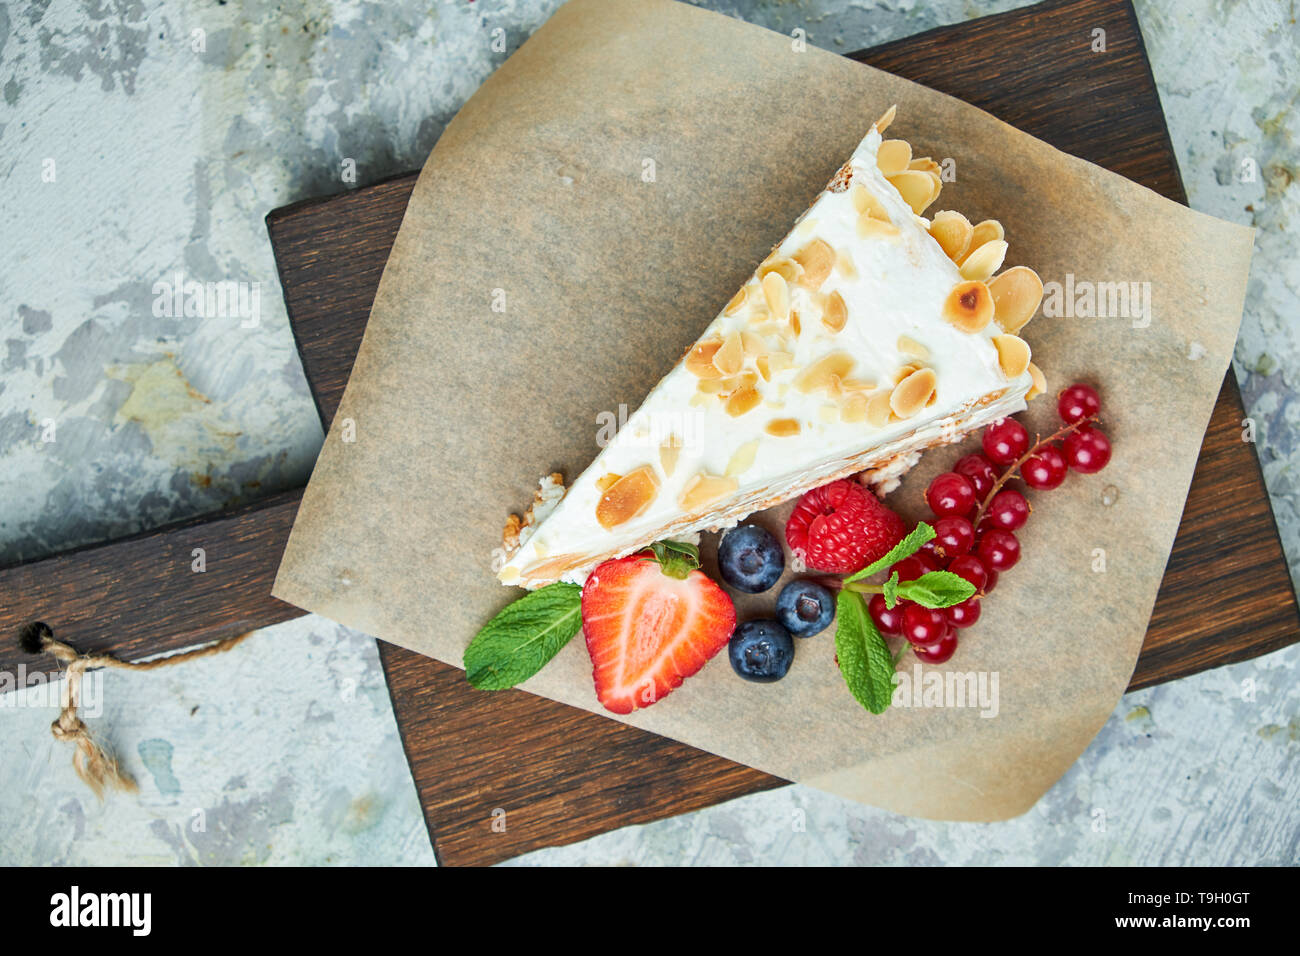 Gâteau meringué aux fraises avec pétales d'amandes, sur fond gris et de journaux Banque D'Images